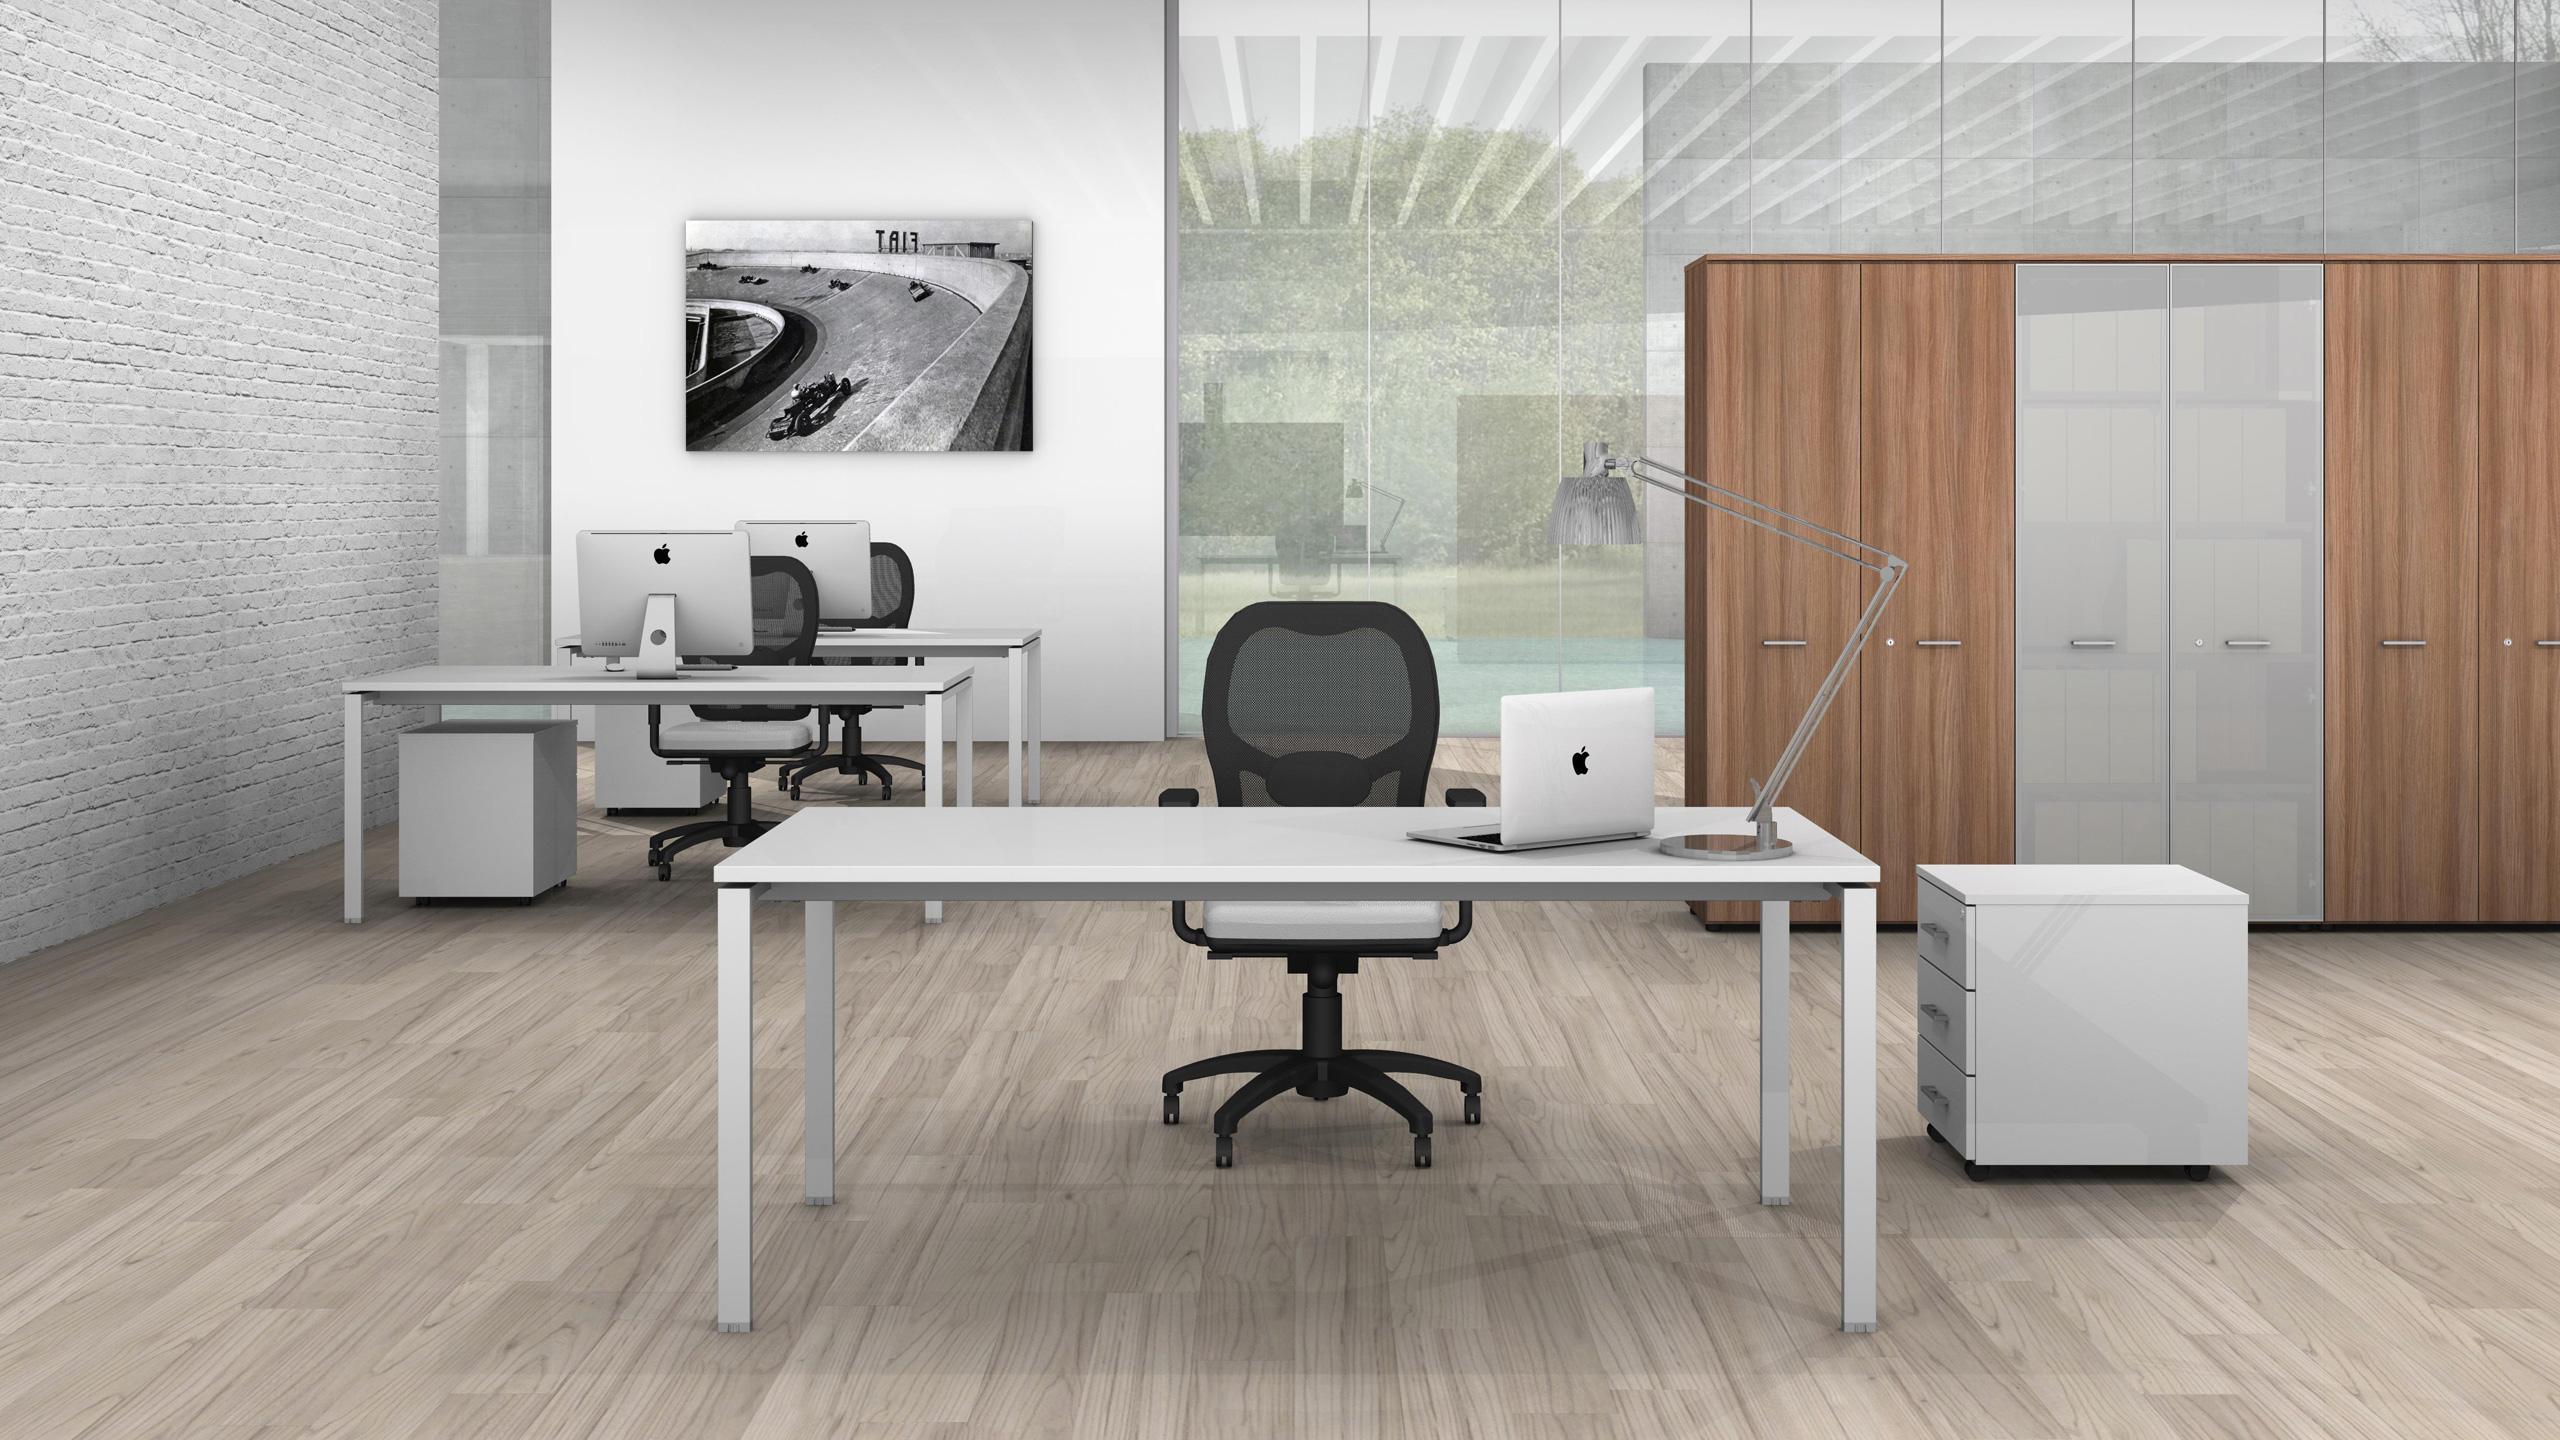 Mobili per ufficio arezzo fumu for Mobili ufficio online outlet